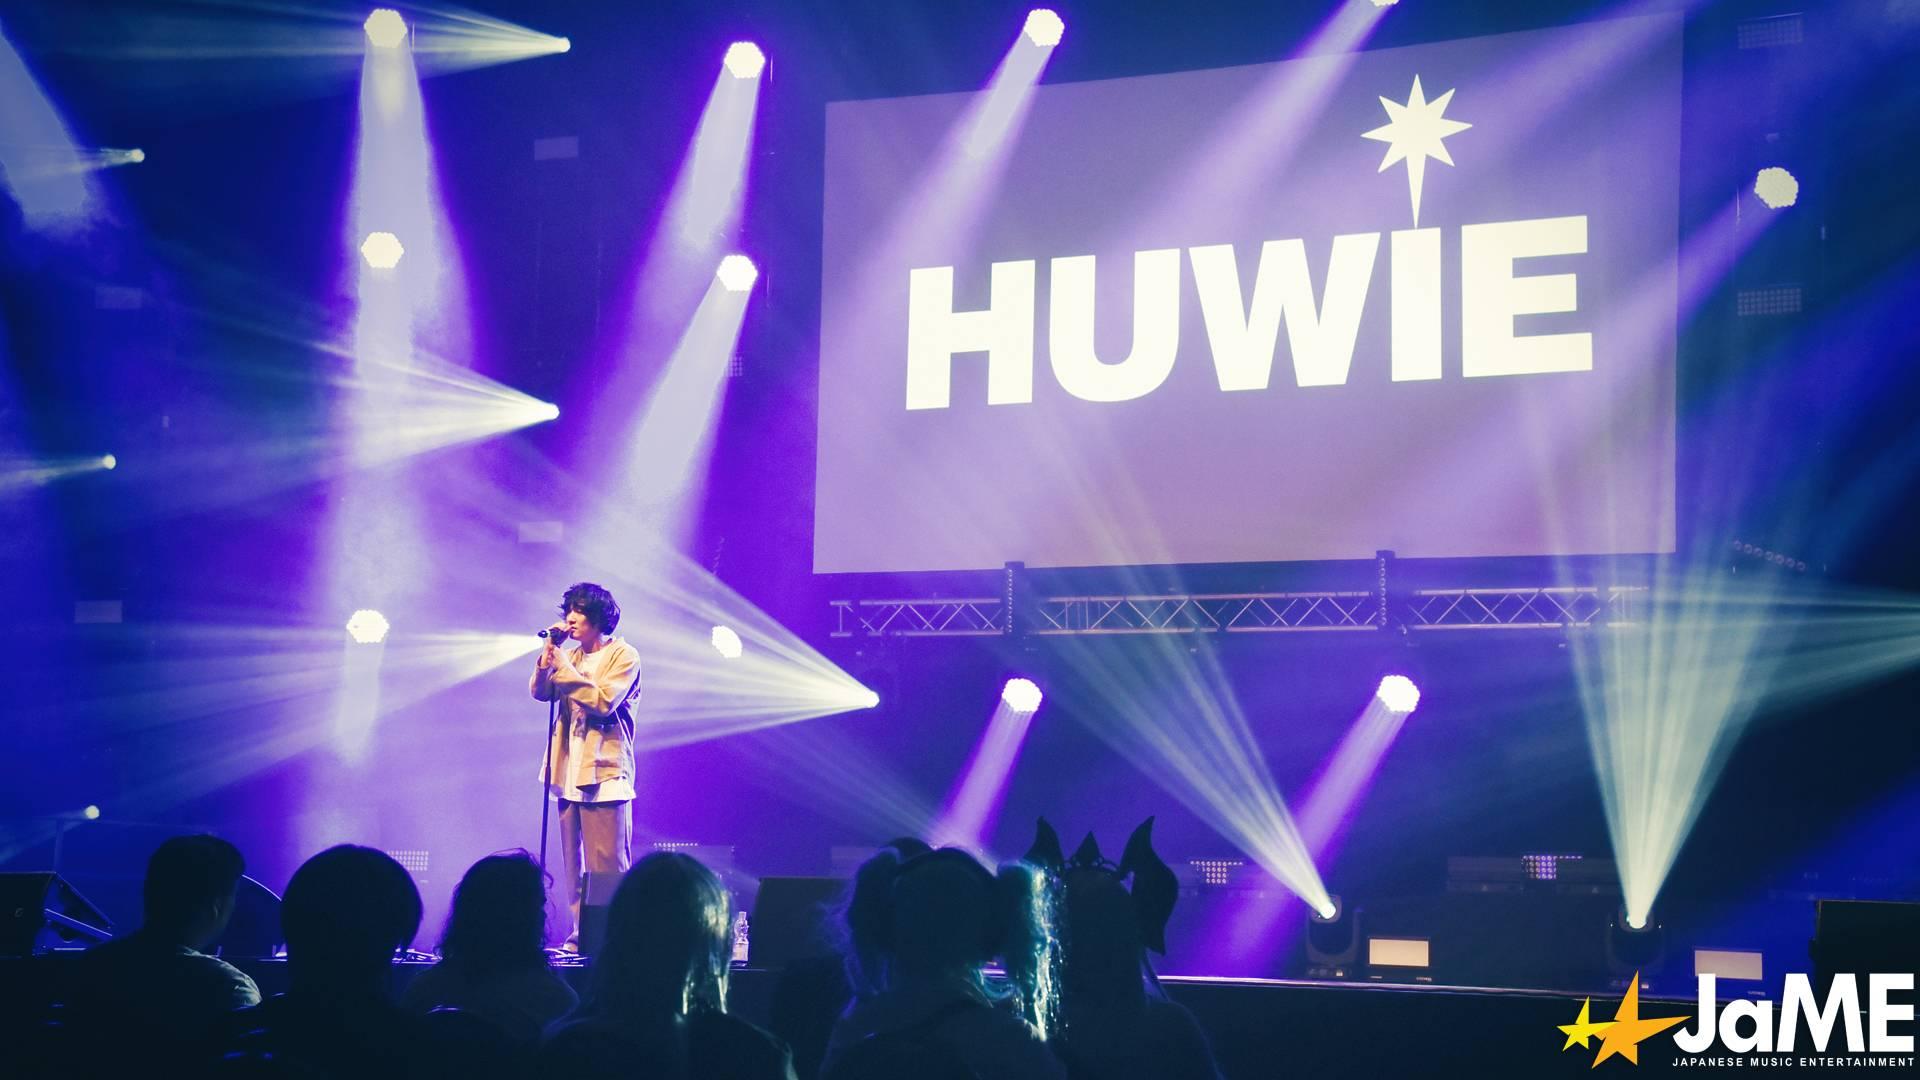 Ishizaki Huwie auf der Bühne